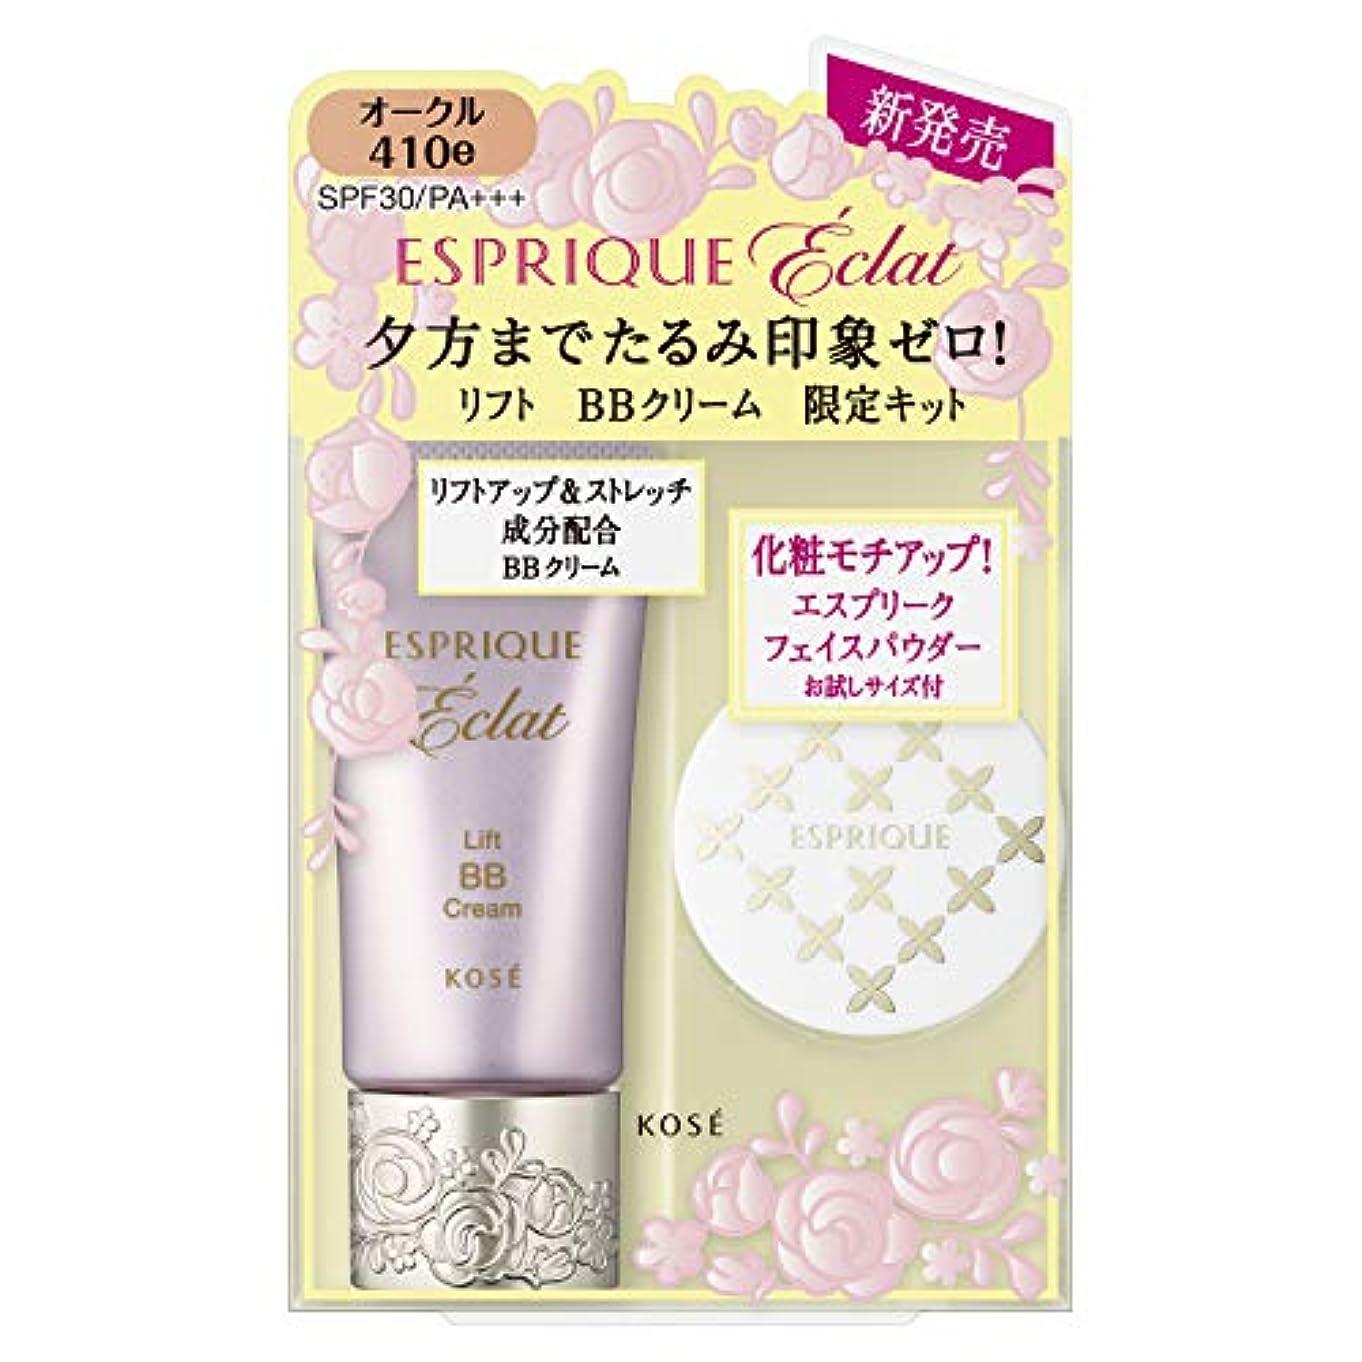 ショップしてはいけない使用法ESPRIQUE Eclat(エスプリーク エクラ) エスプリーク エクラ リフト BB クリーム 限定キット BBクリーム 無香料 OC410e オークル セット 30g+1.5g